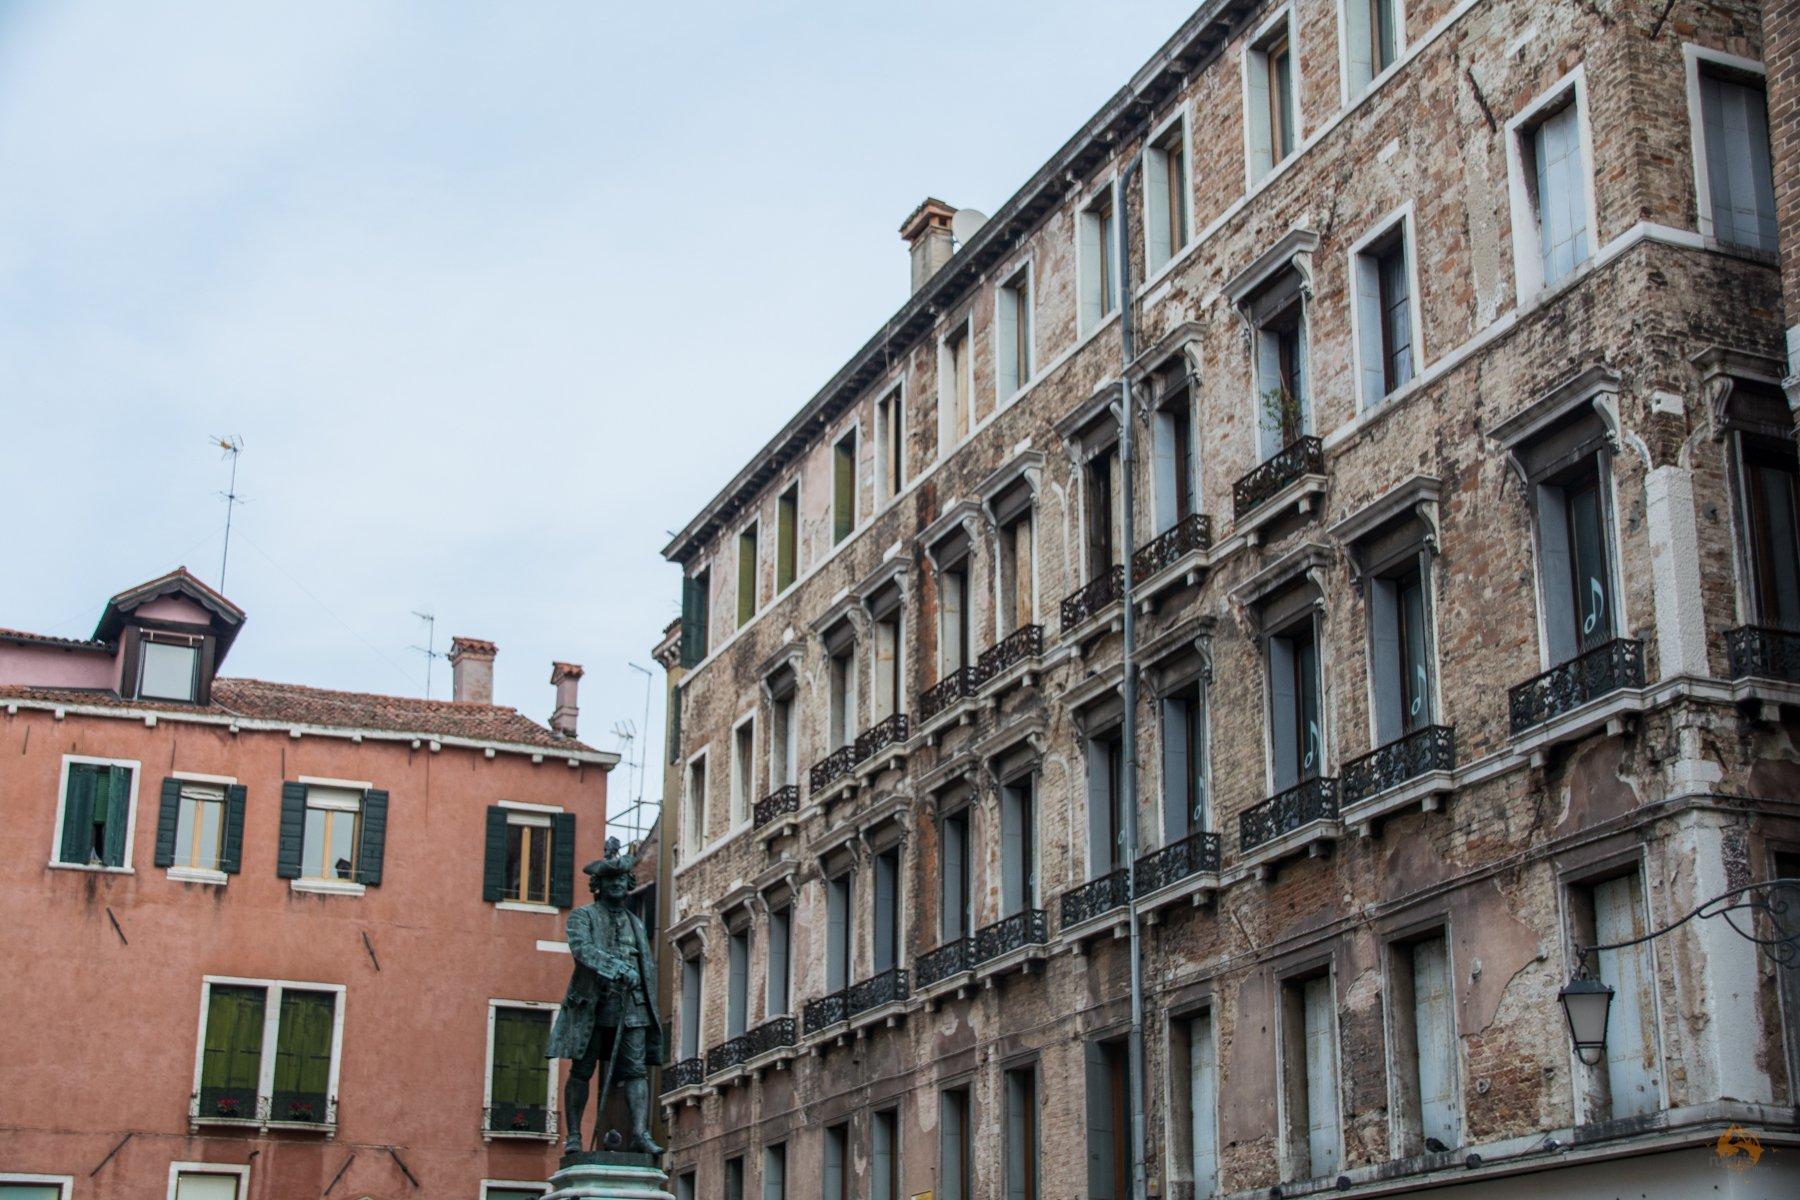 Statue vor Häusern in Venedig - Italien